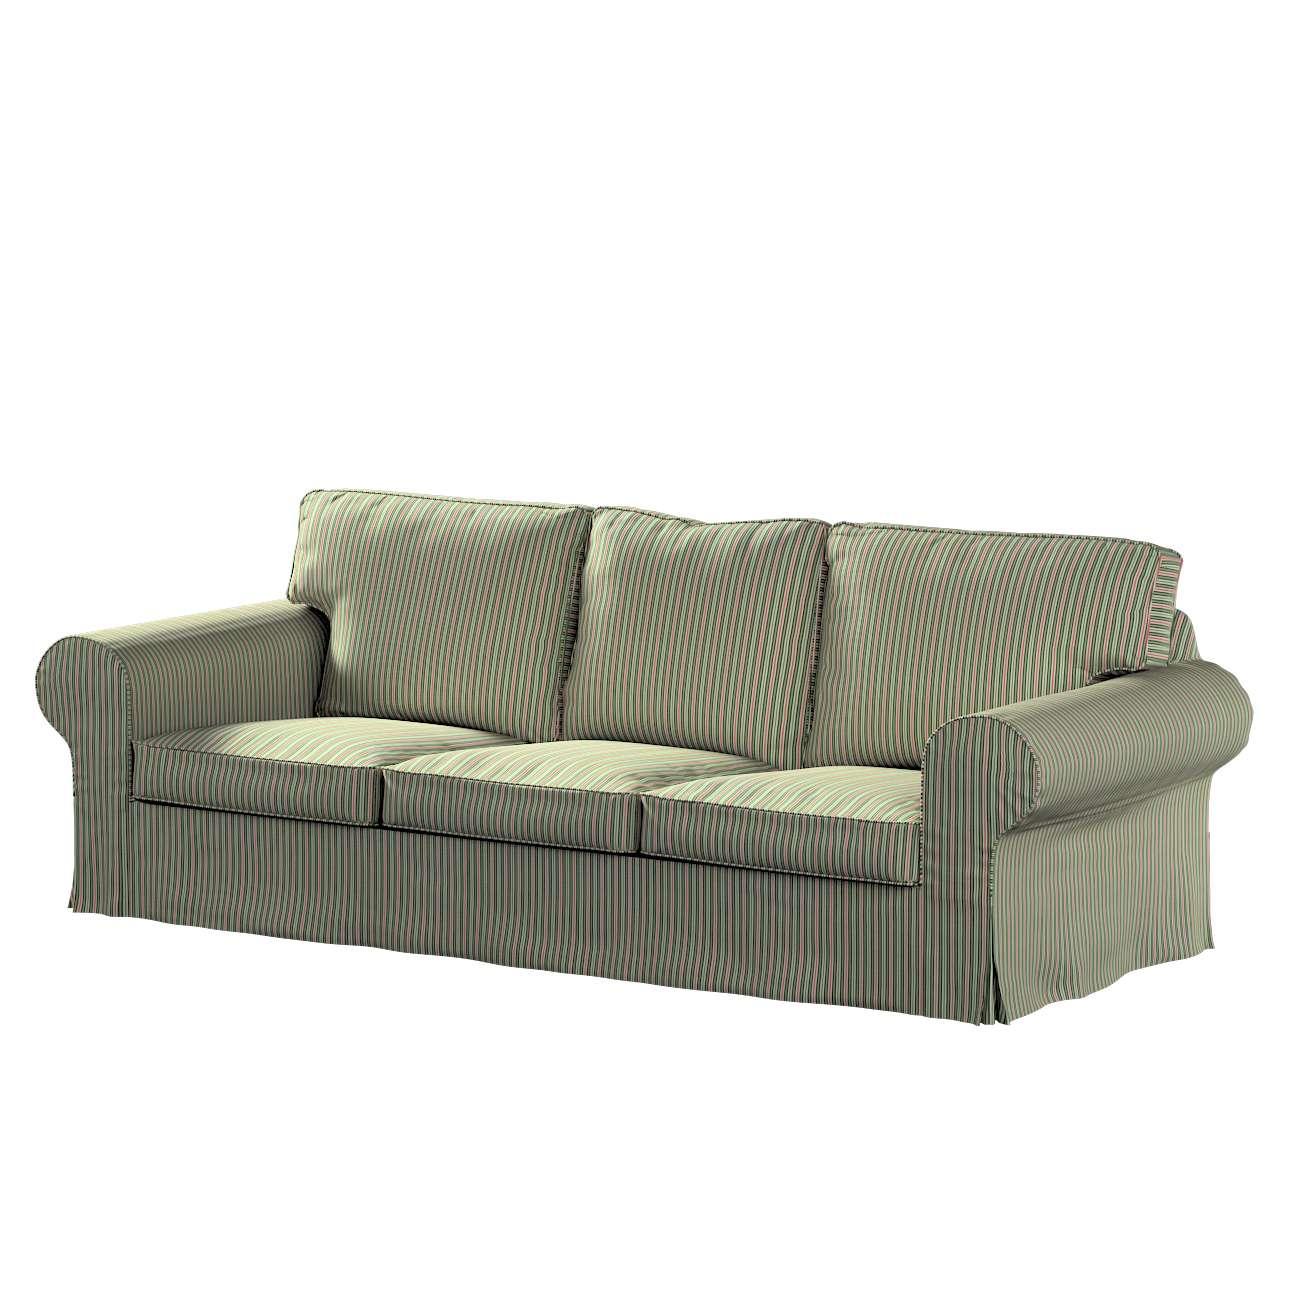 Pokrowiec na sofę Ektorp 3-osobową, rozkładaną, PIXBO w kolekcji Londres, tkanina: 143-42